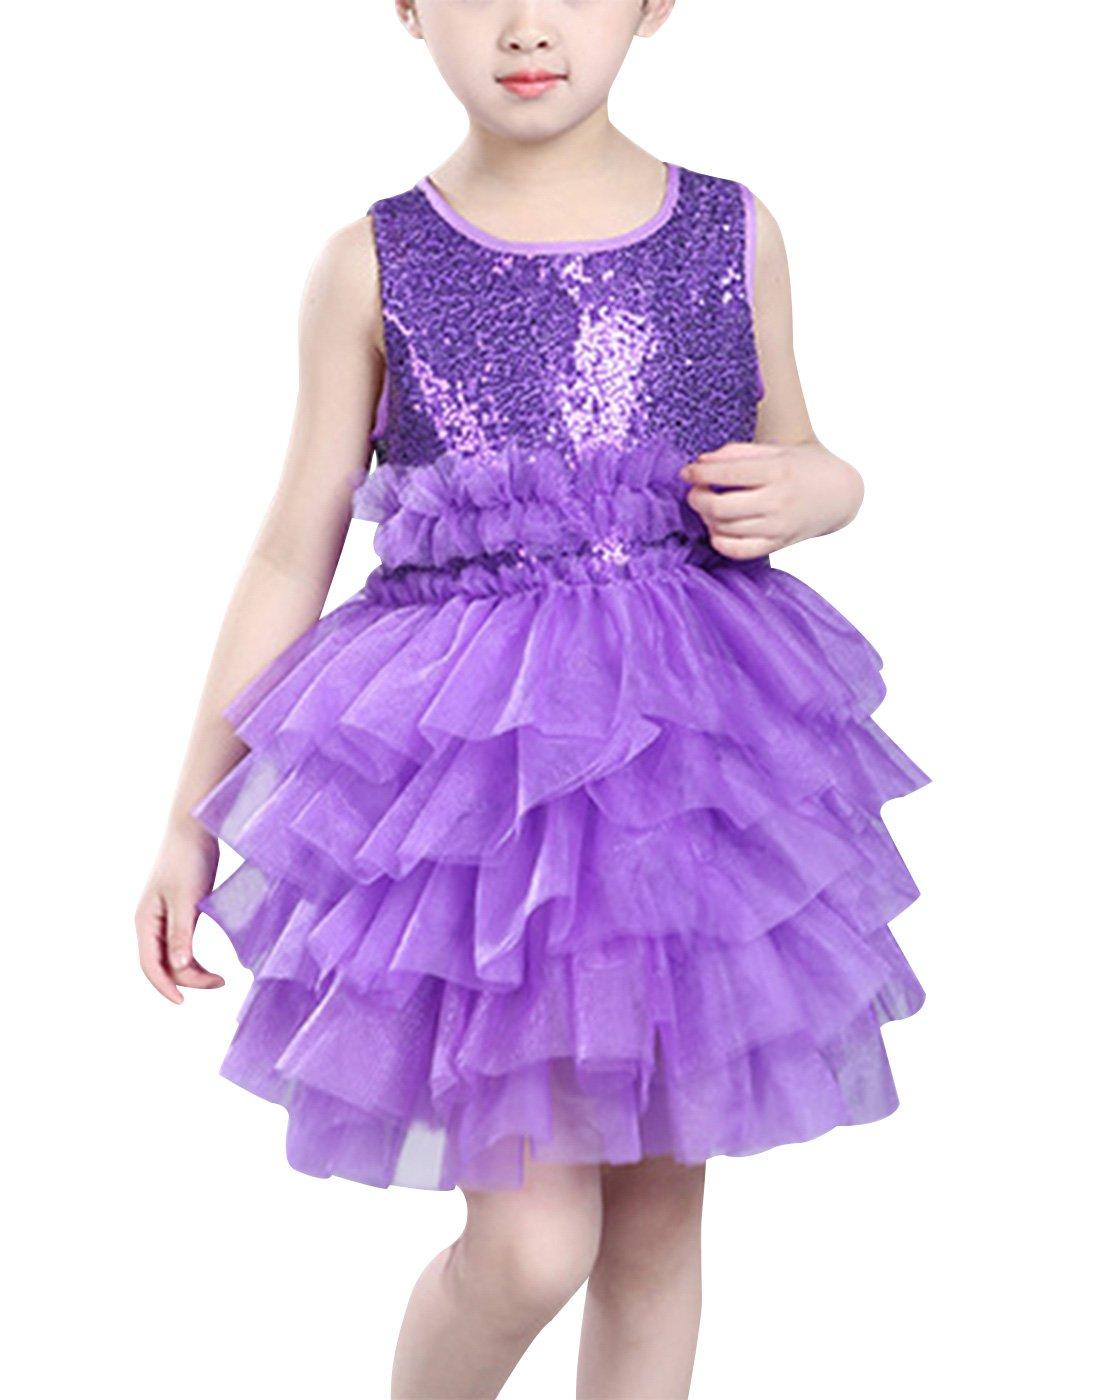 Lujo Vestidos De Fiesta Para Niñas Reino Unido Composición - Vestido ...